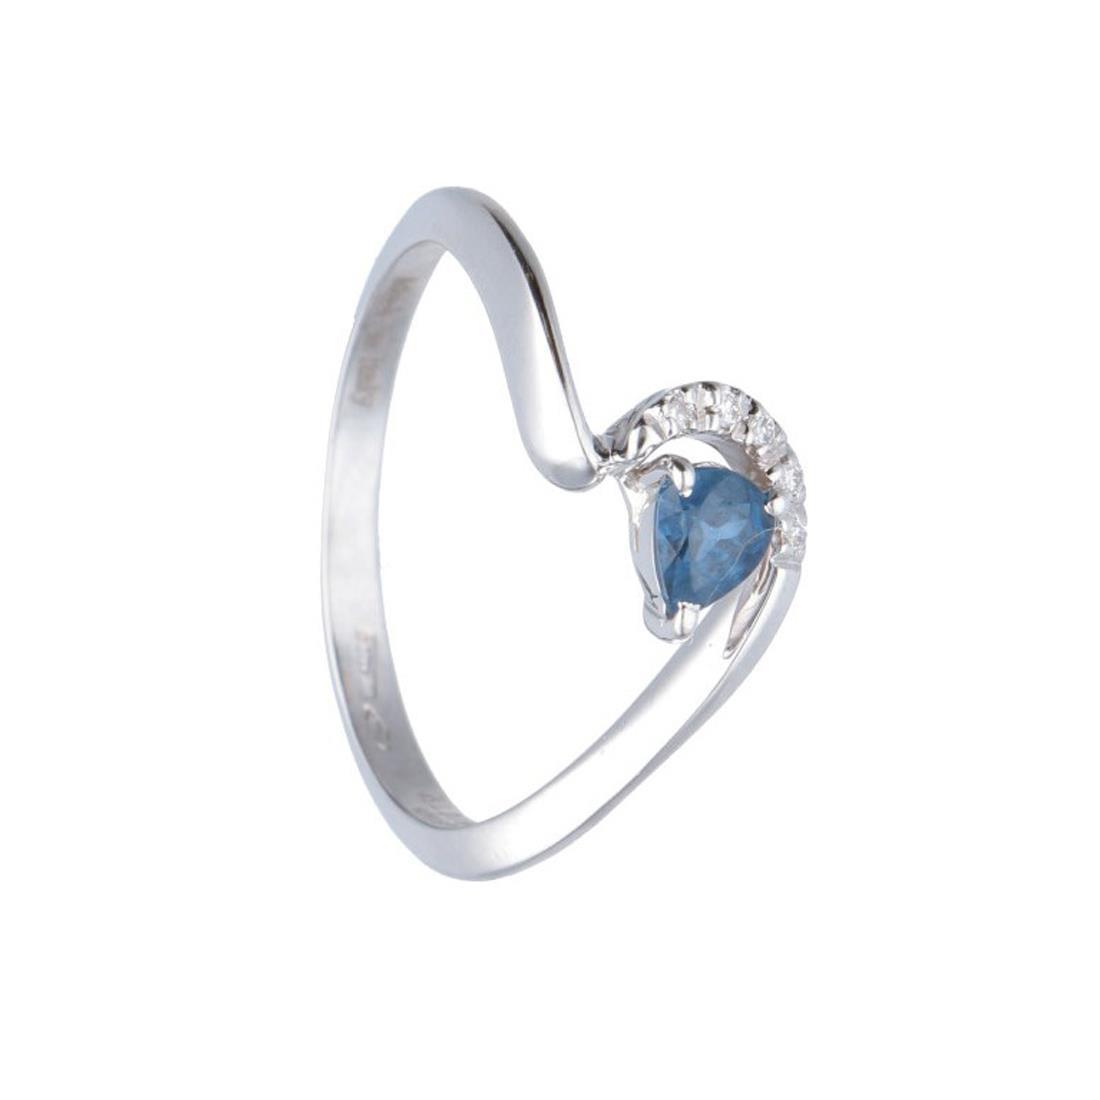 Anello in oro bianco con diamanti e zaffiro ct. 0,30 - ALFIERI & ST. JOHN